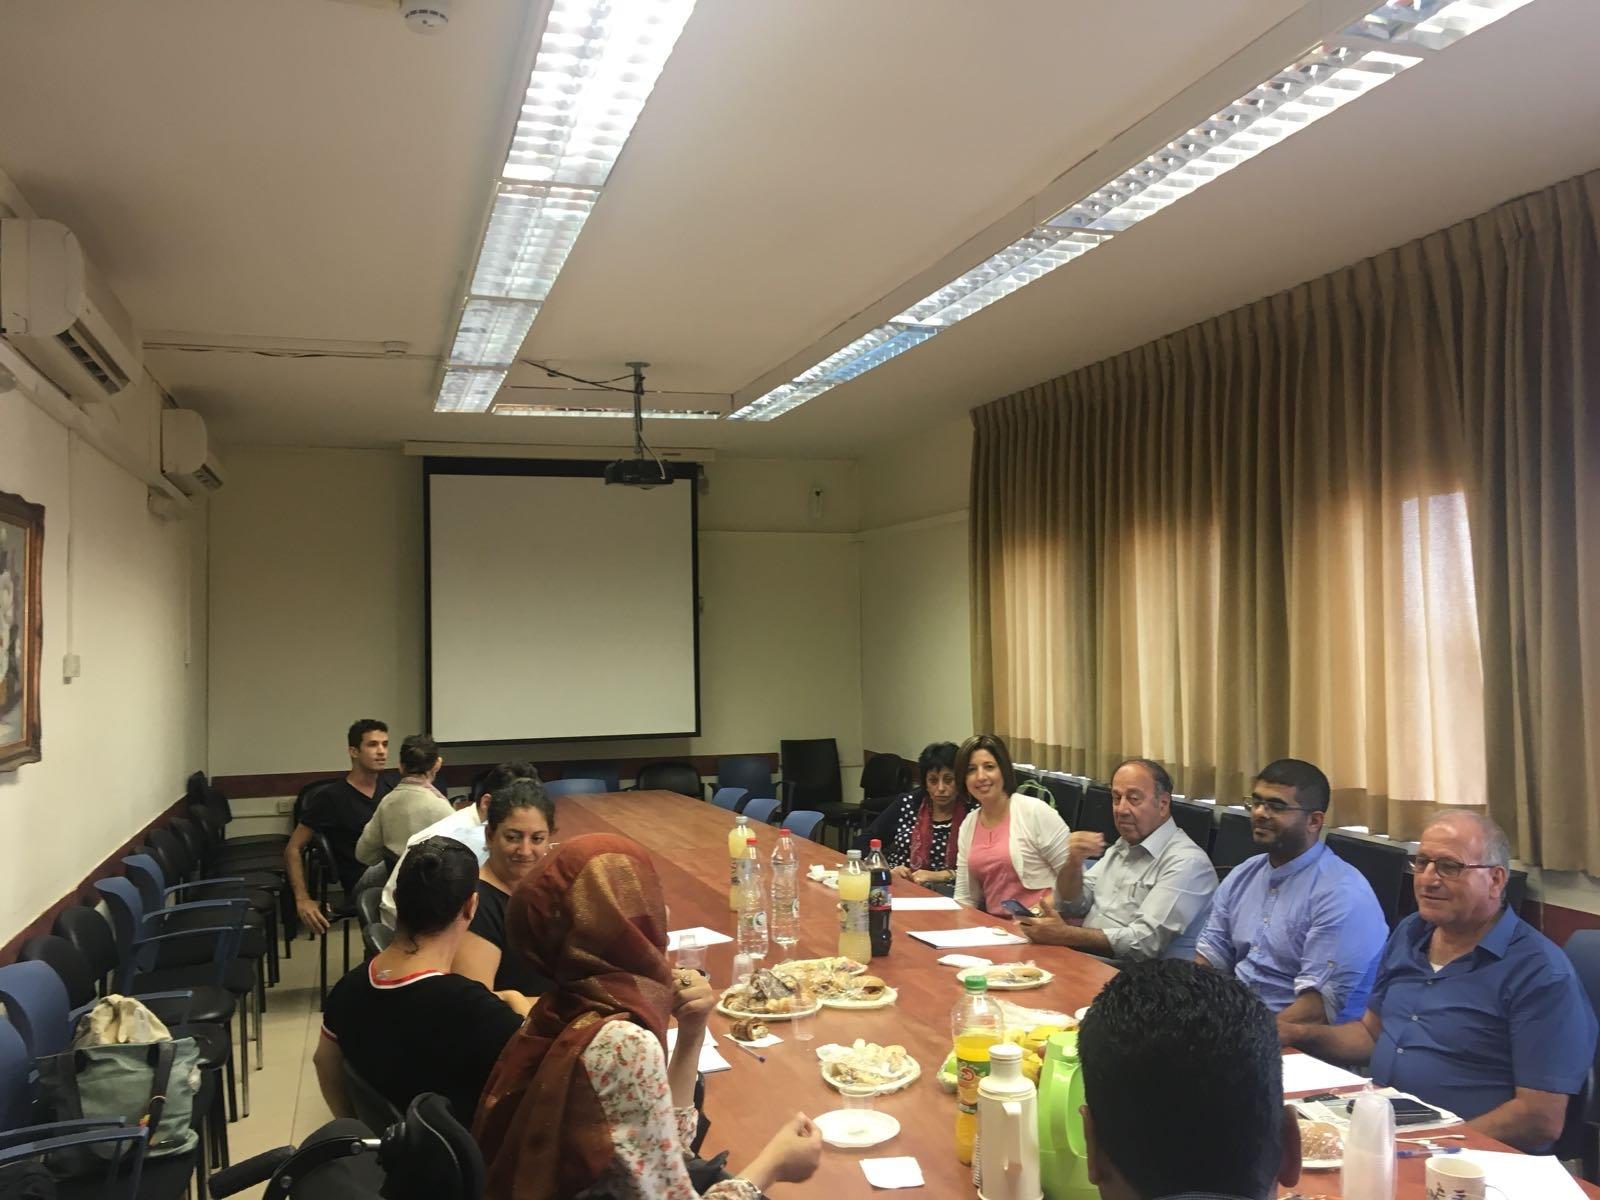 كتلة الجبهة في الهستدروت تنظم لقاءً مع هيئة منظمات نضال اصحاب الاعاقات